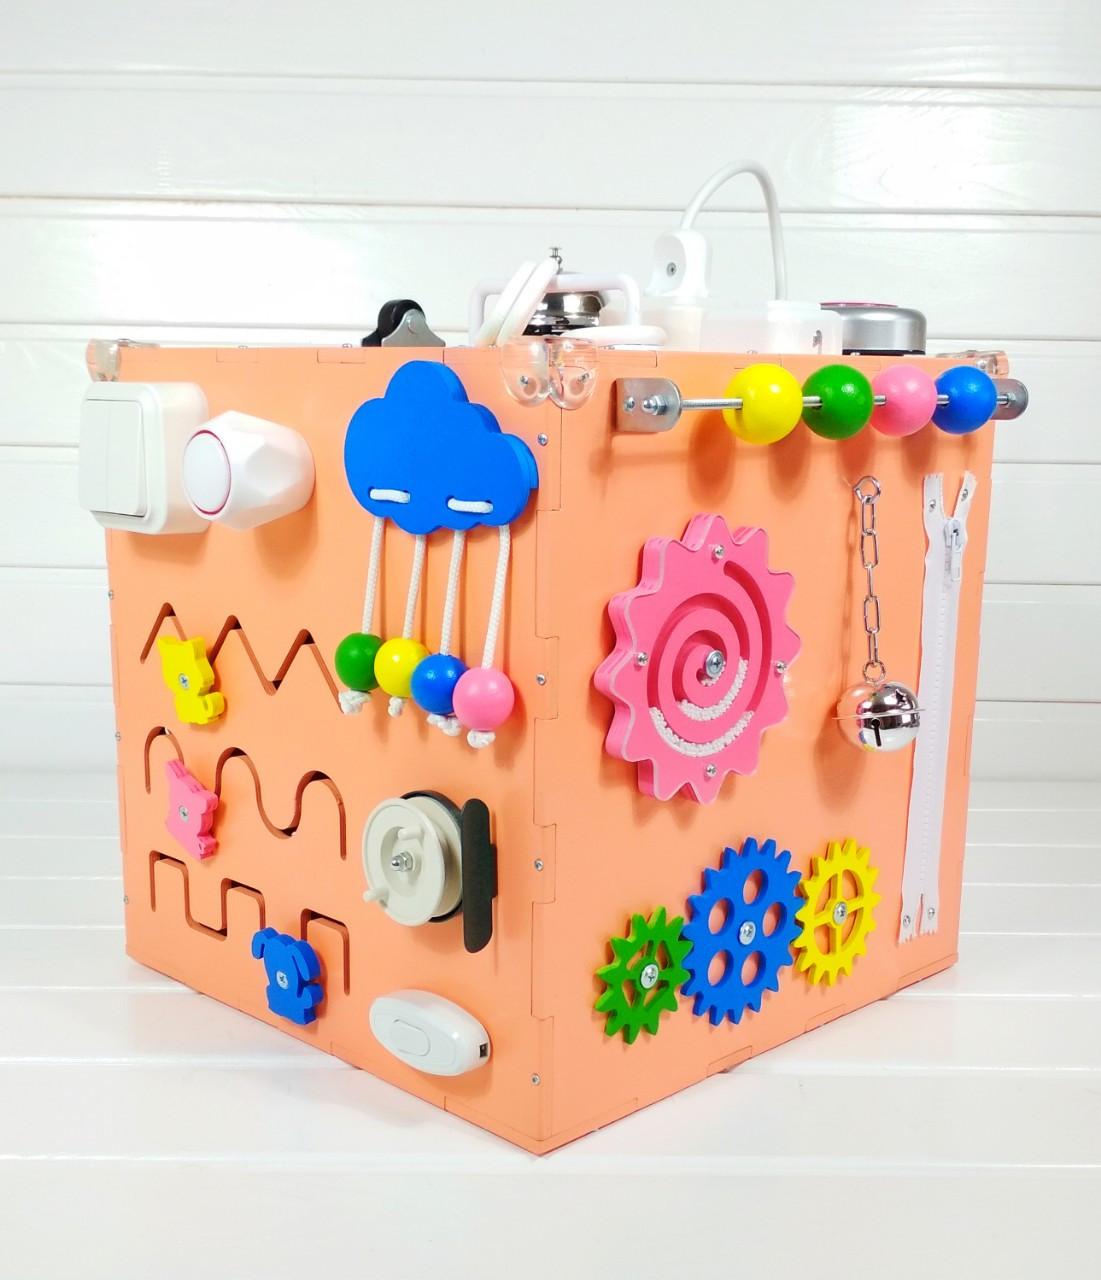 Развивающая игрушка бизикуб Busy Cube Tornado Оранжевая